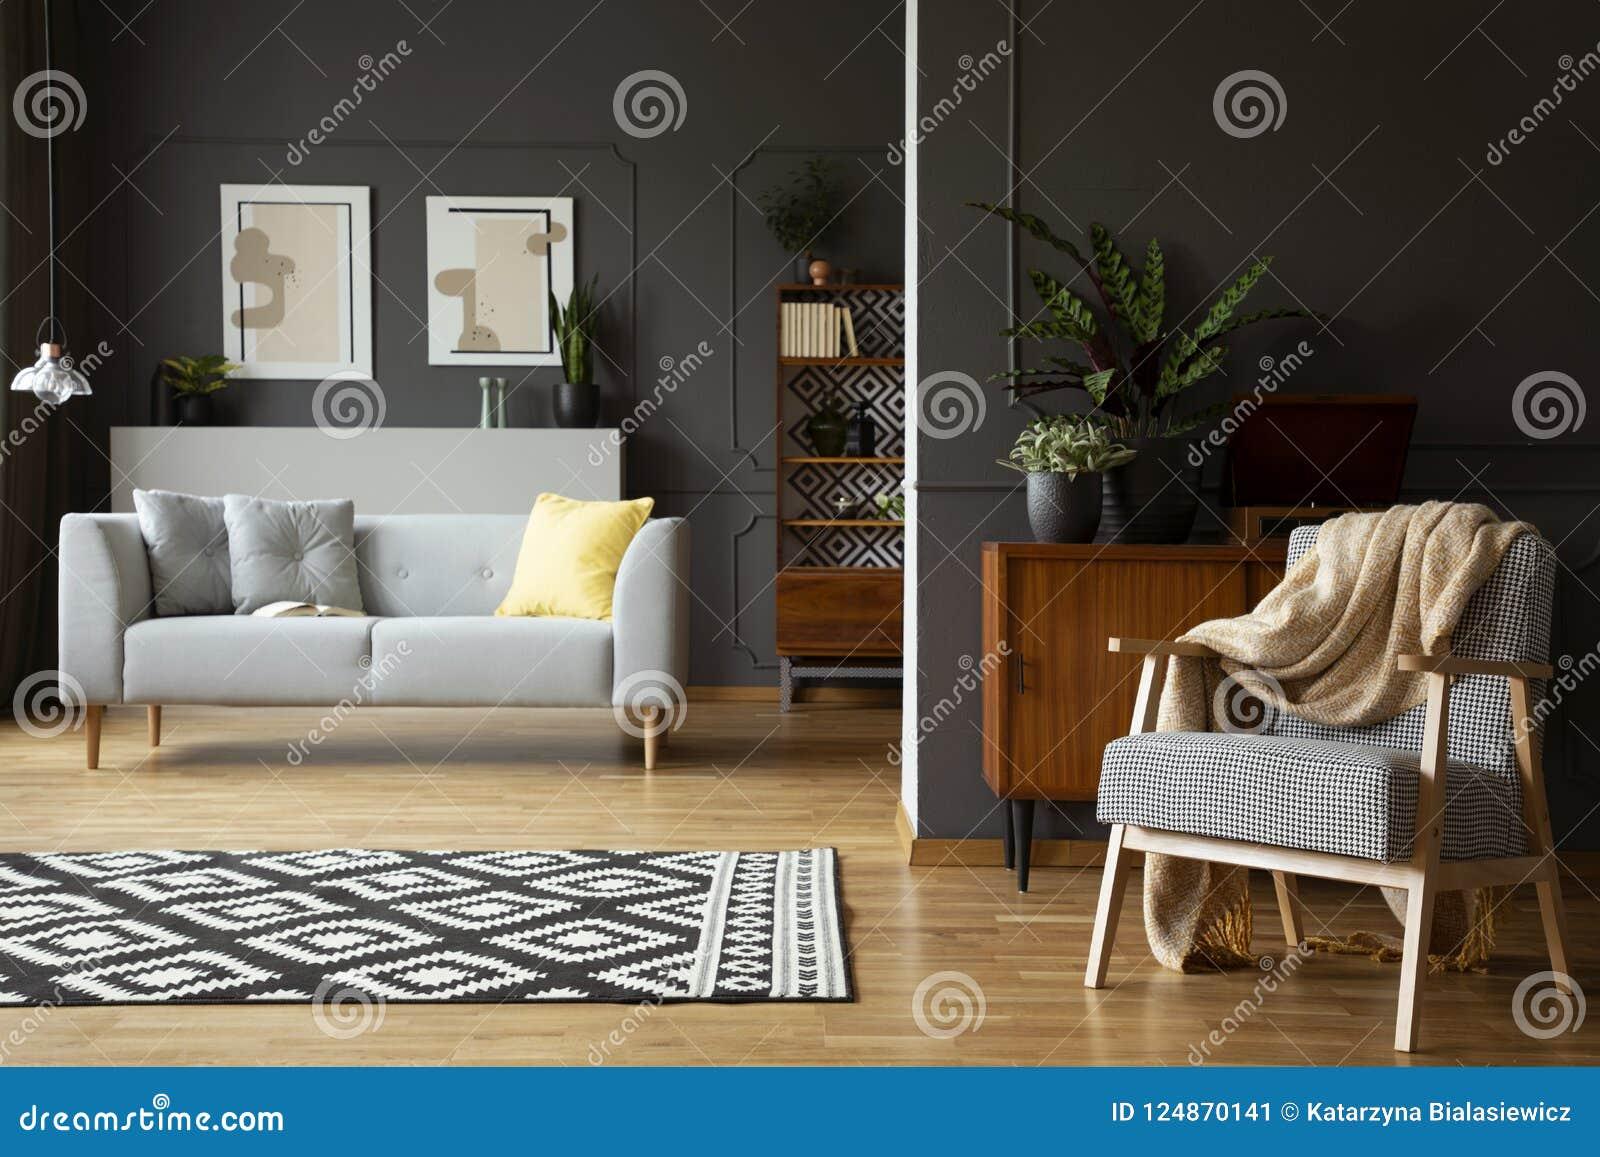 Deken op leunstoel in woonkamerbinnenland met gevormd tapijt, grijze bank en affiches Echte foto